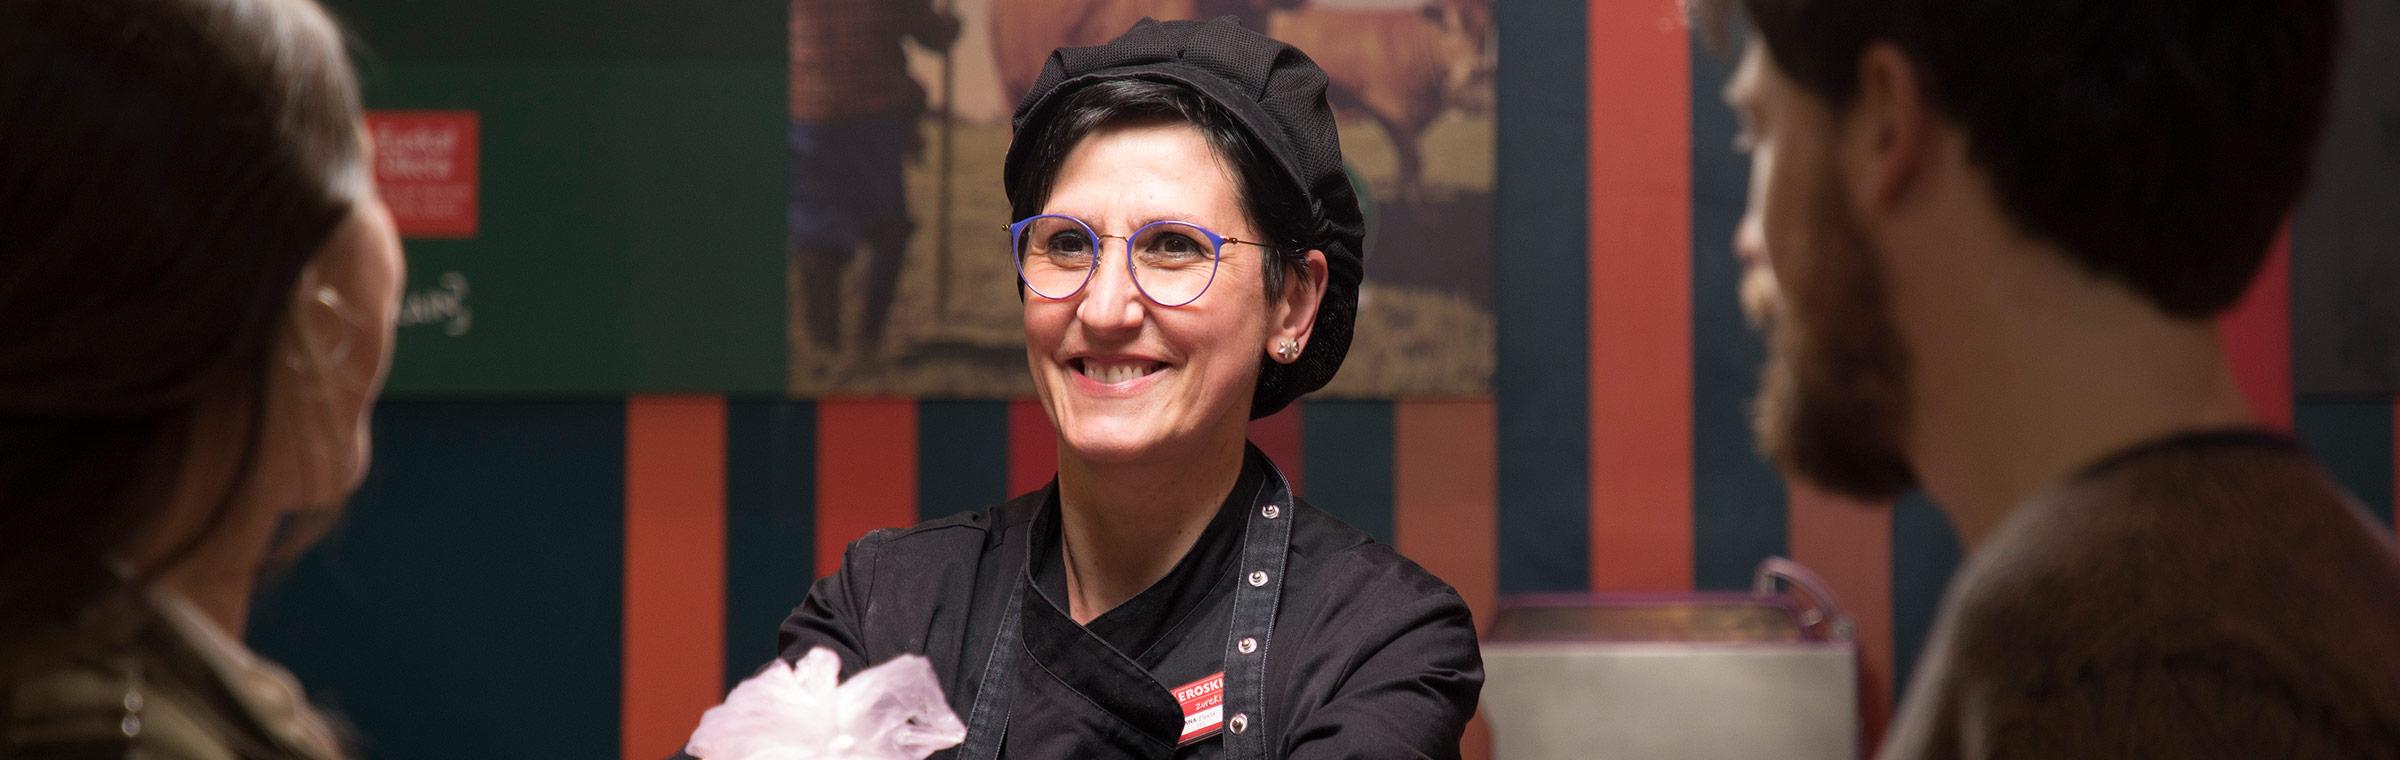 Trabajadora de Eroski sonrie a clientes